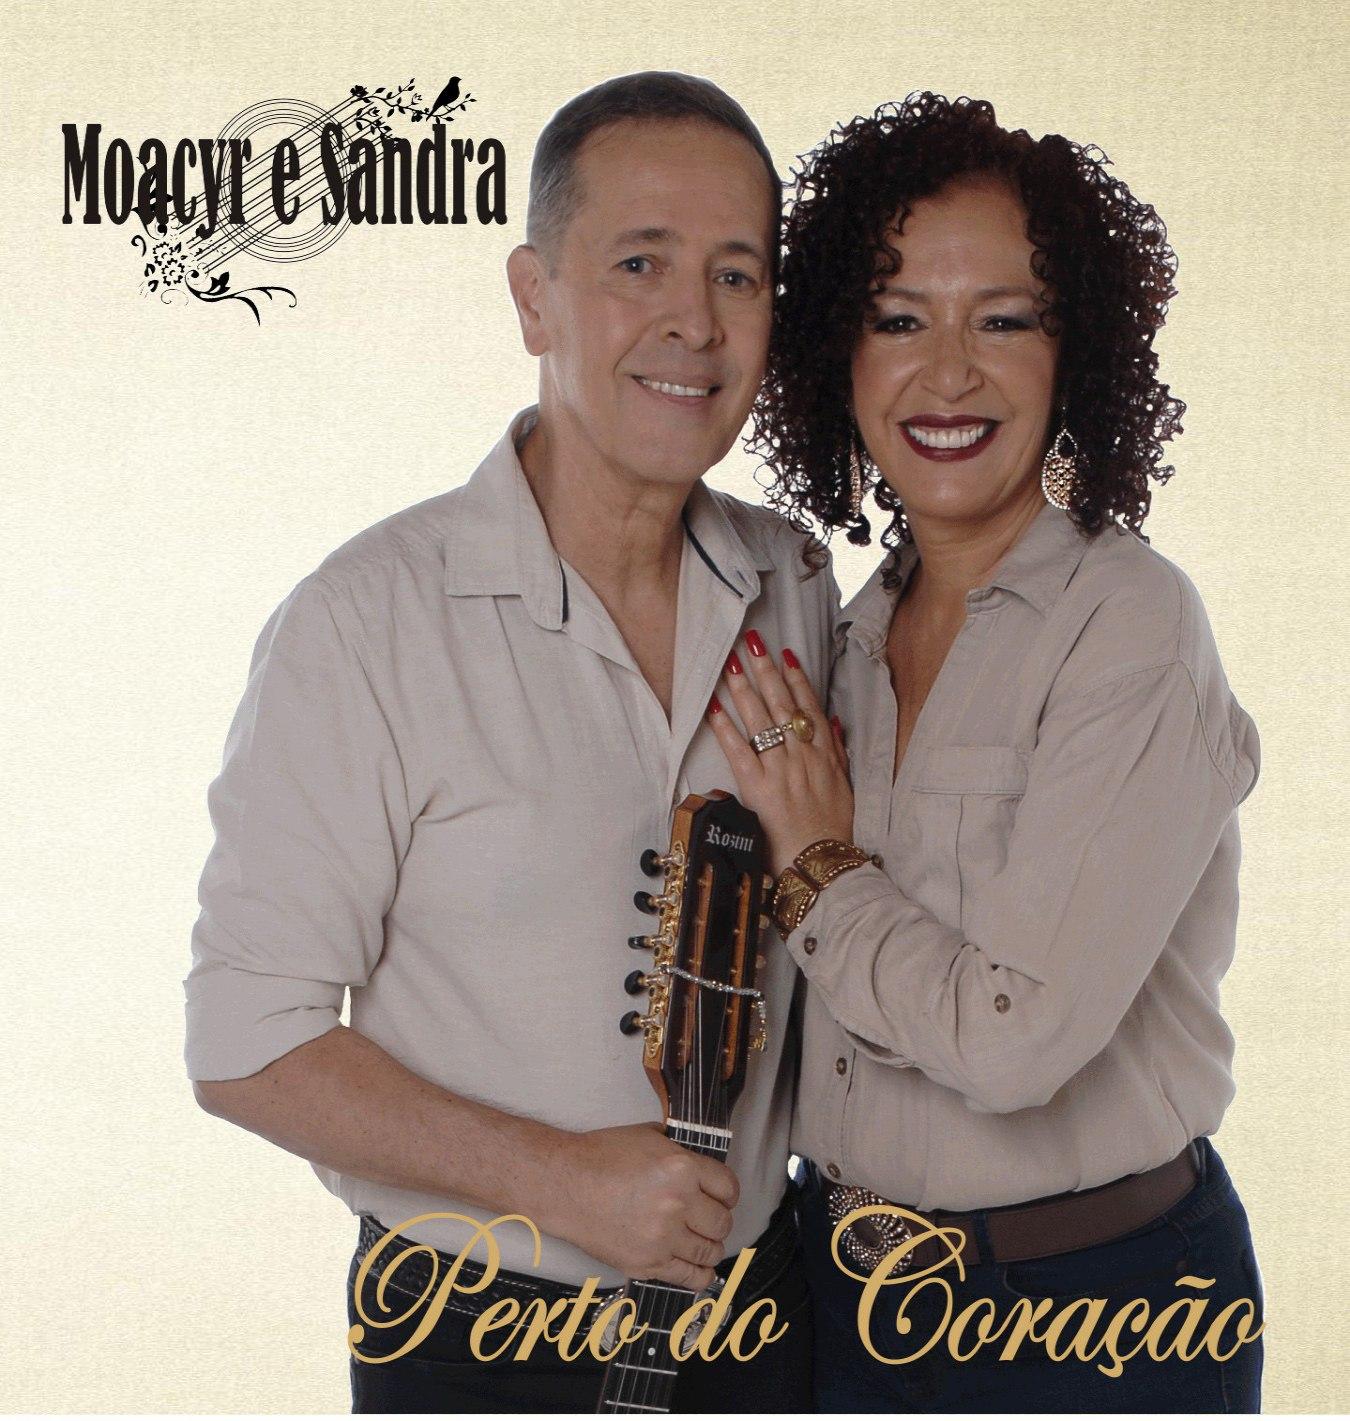 NOVO CD  PERTO  DO  CORAÇÃO   DO NOSSO  QUERIDO DUO  MOACYR E  SANDRA    CONTACTO  PARA SHOW  (11) 98463-8191